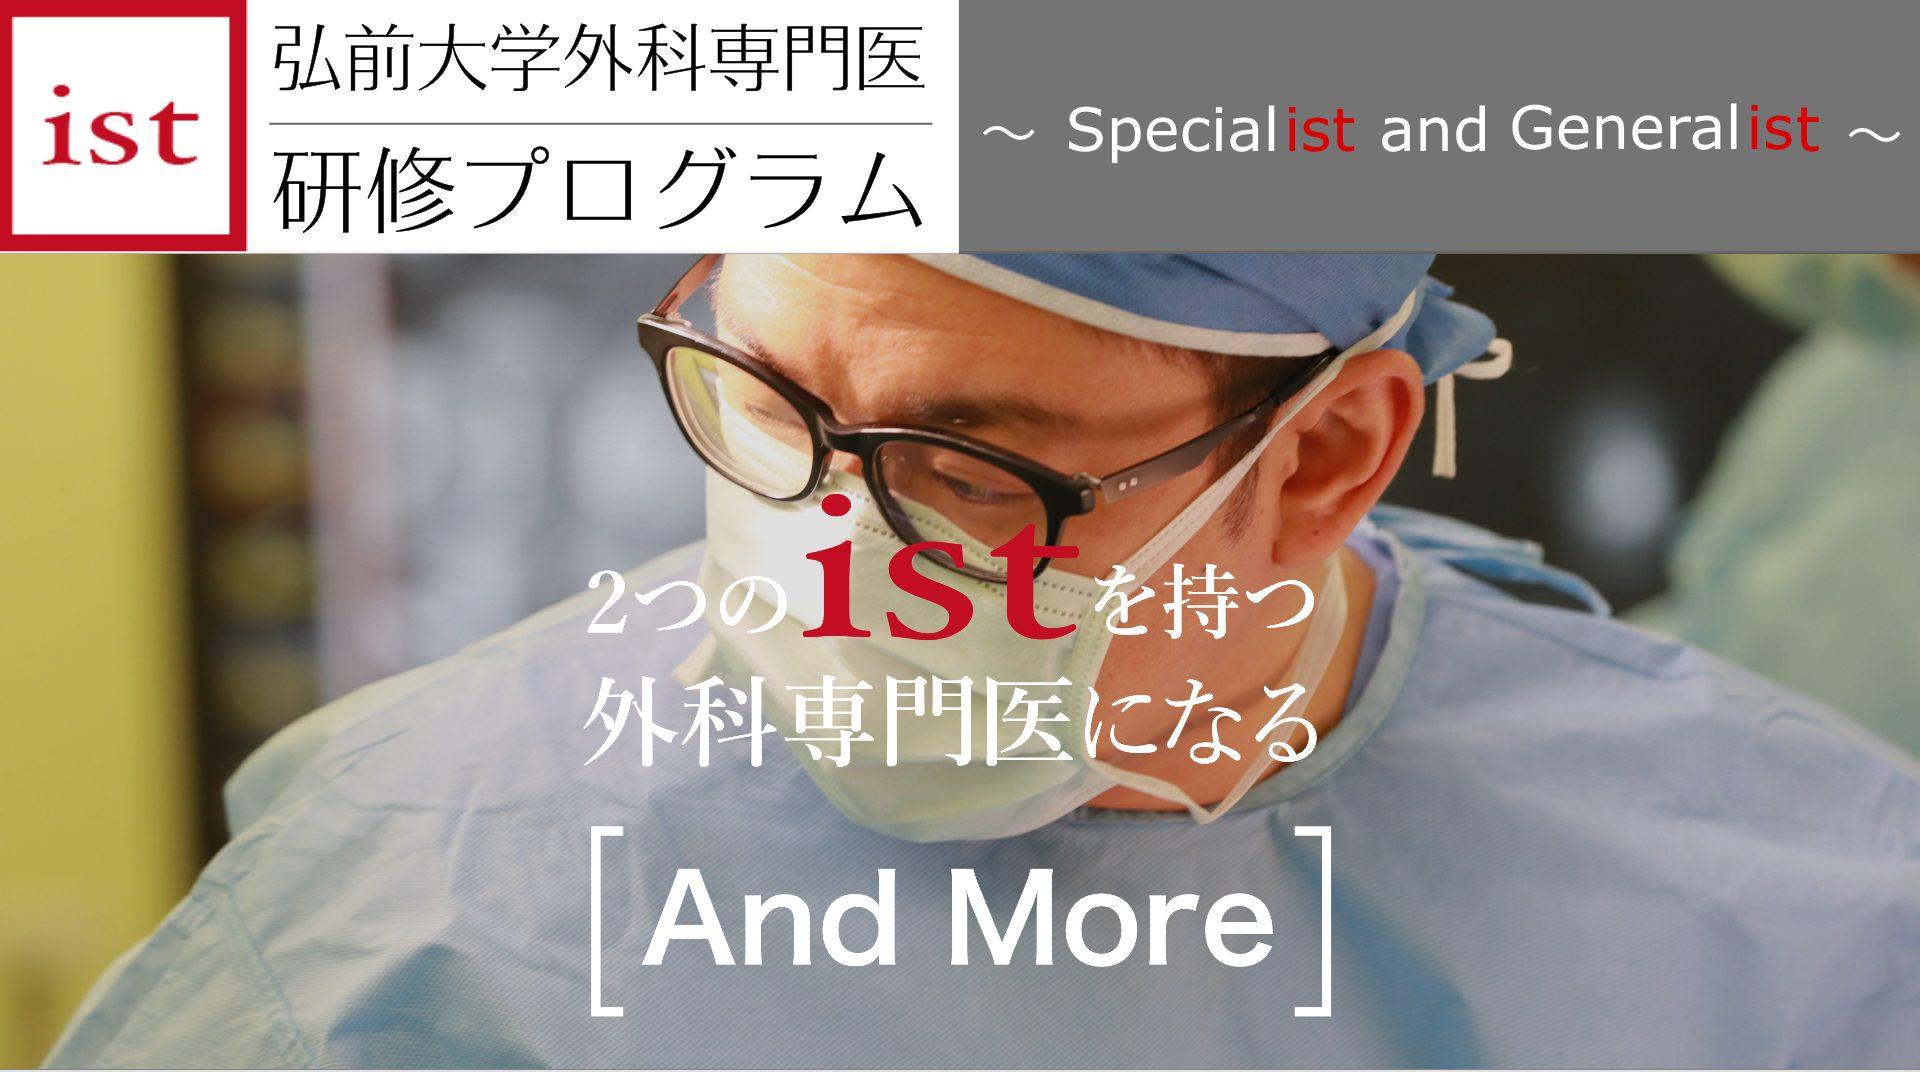 弘前大学外科専門医研修プログラム